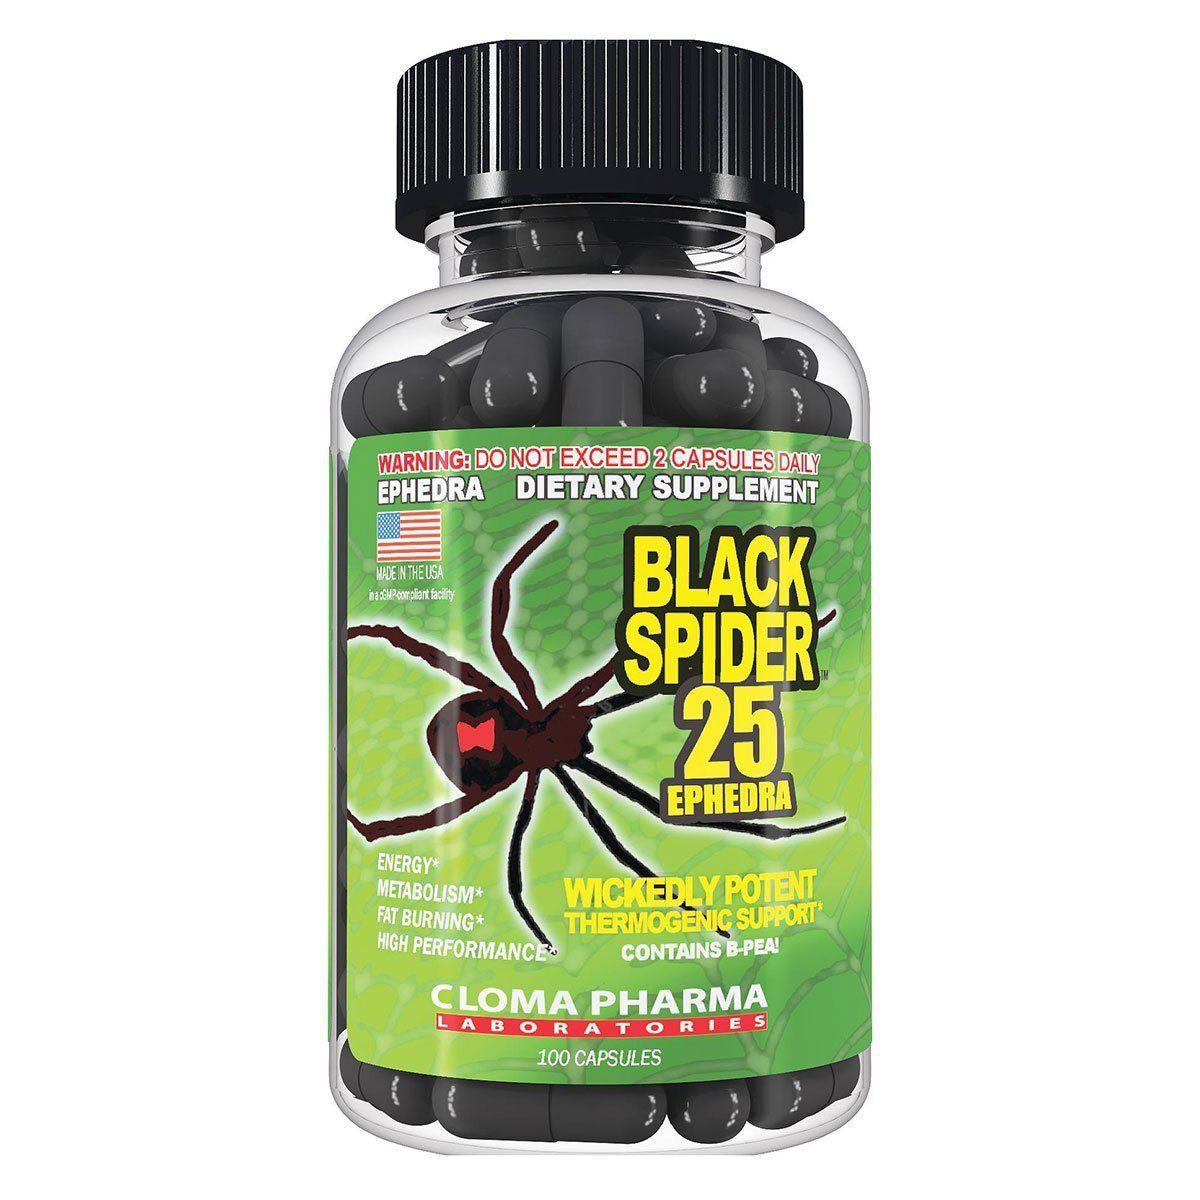 Жиросжигатель black mamba: описание препарата, правила приема и реальные отзывы потребителей